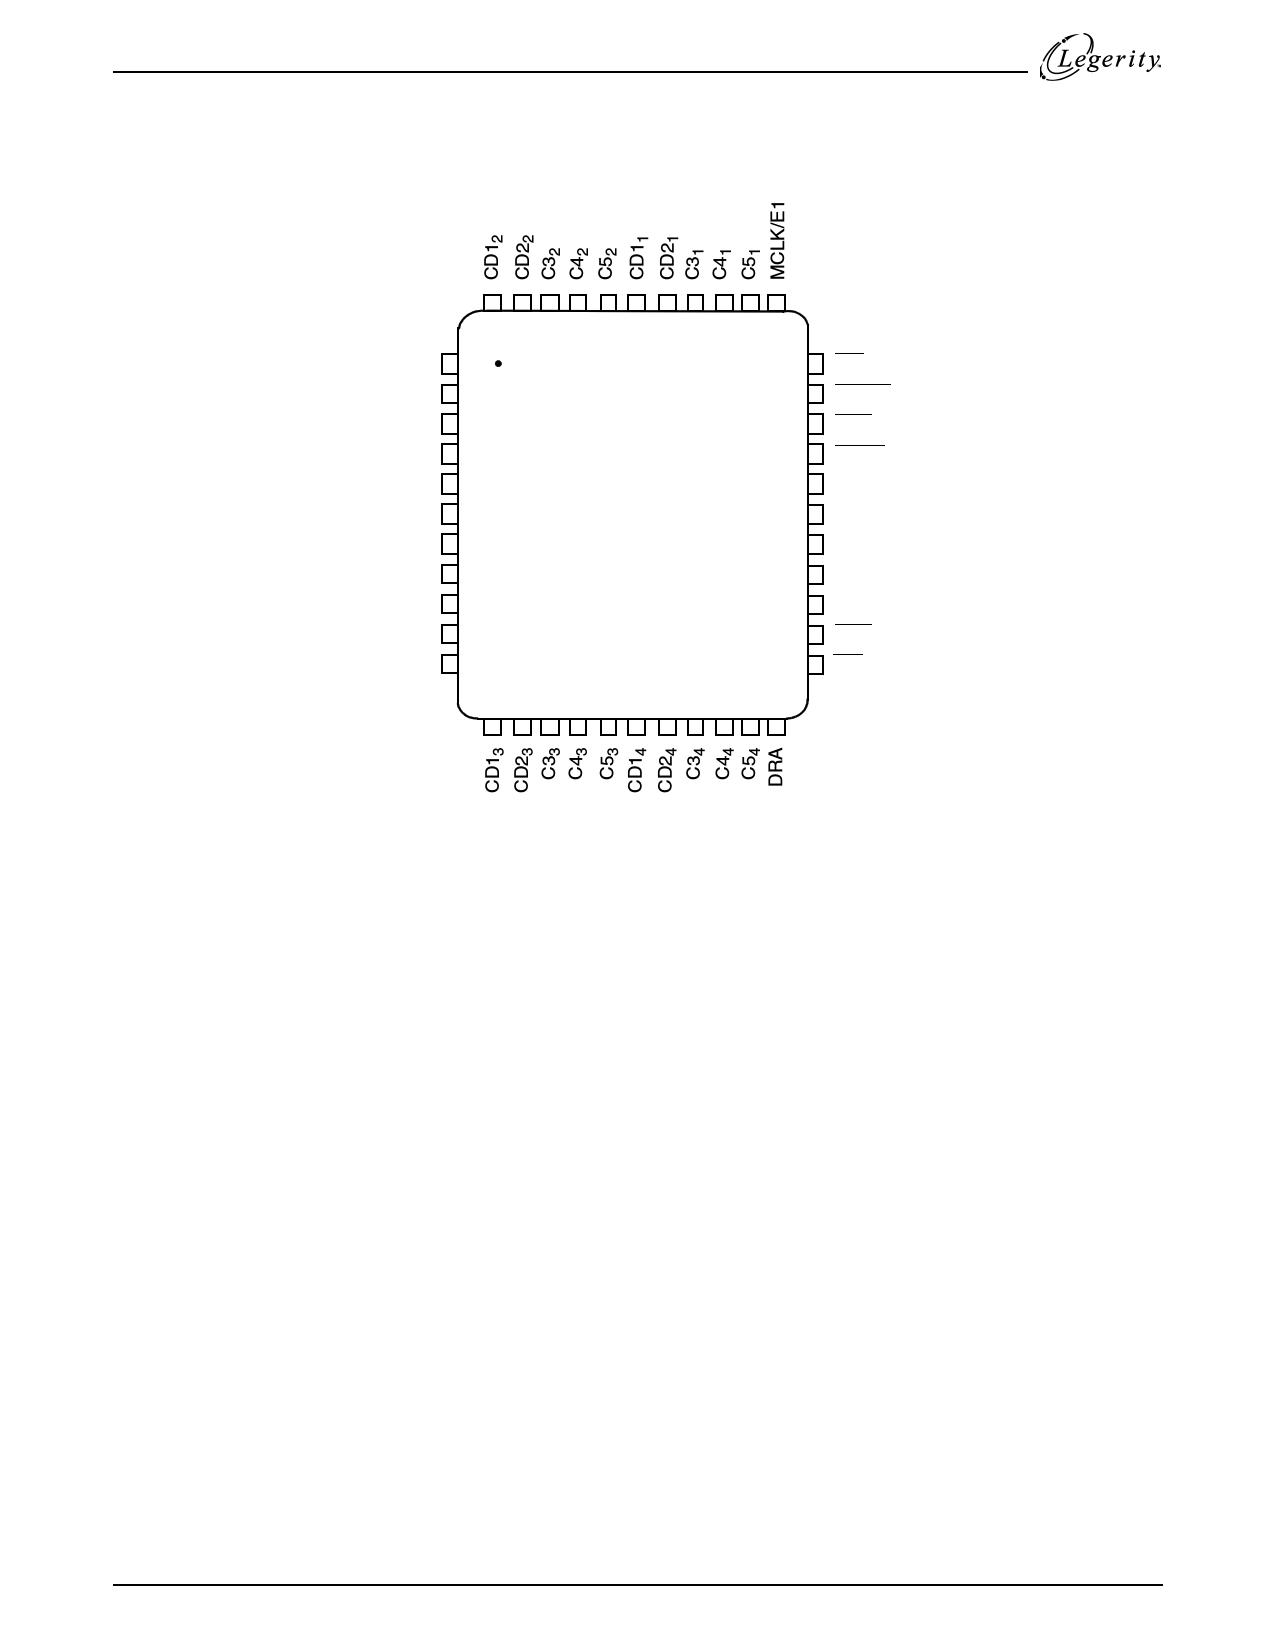 Am79Q031 전자부품, 판매, 대치품